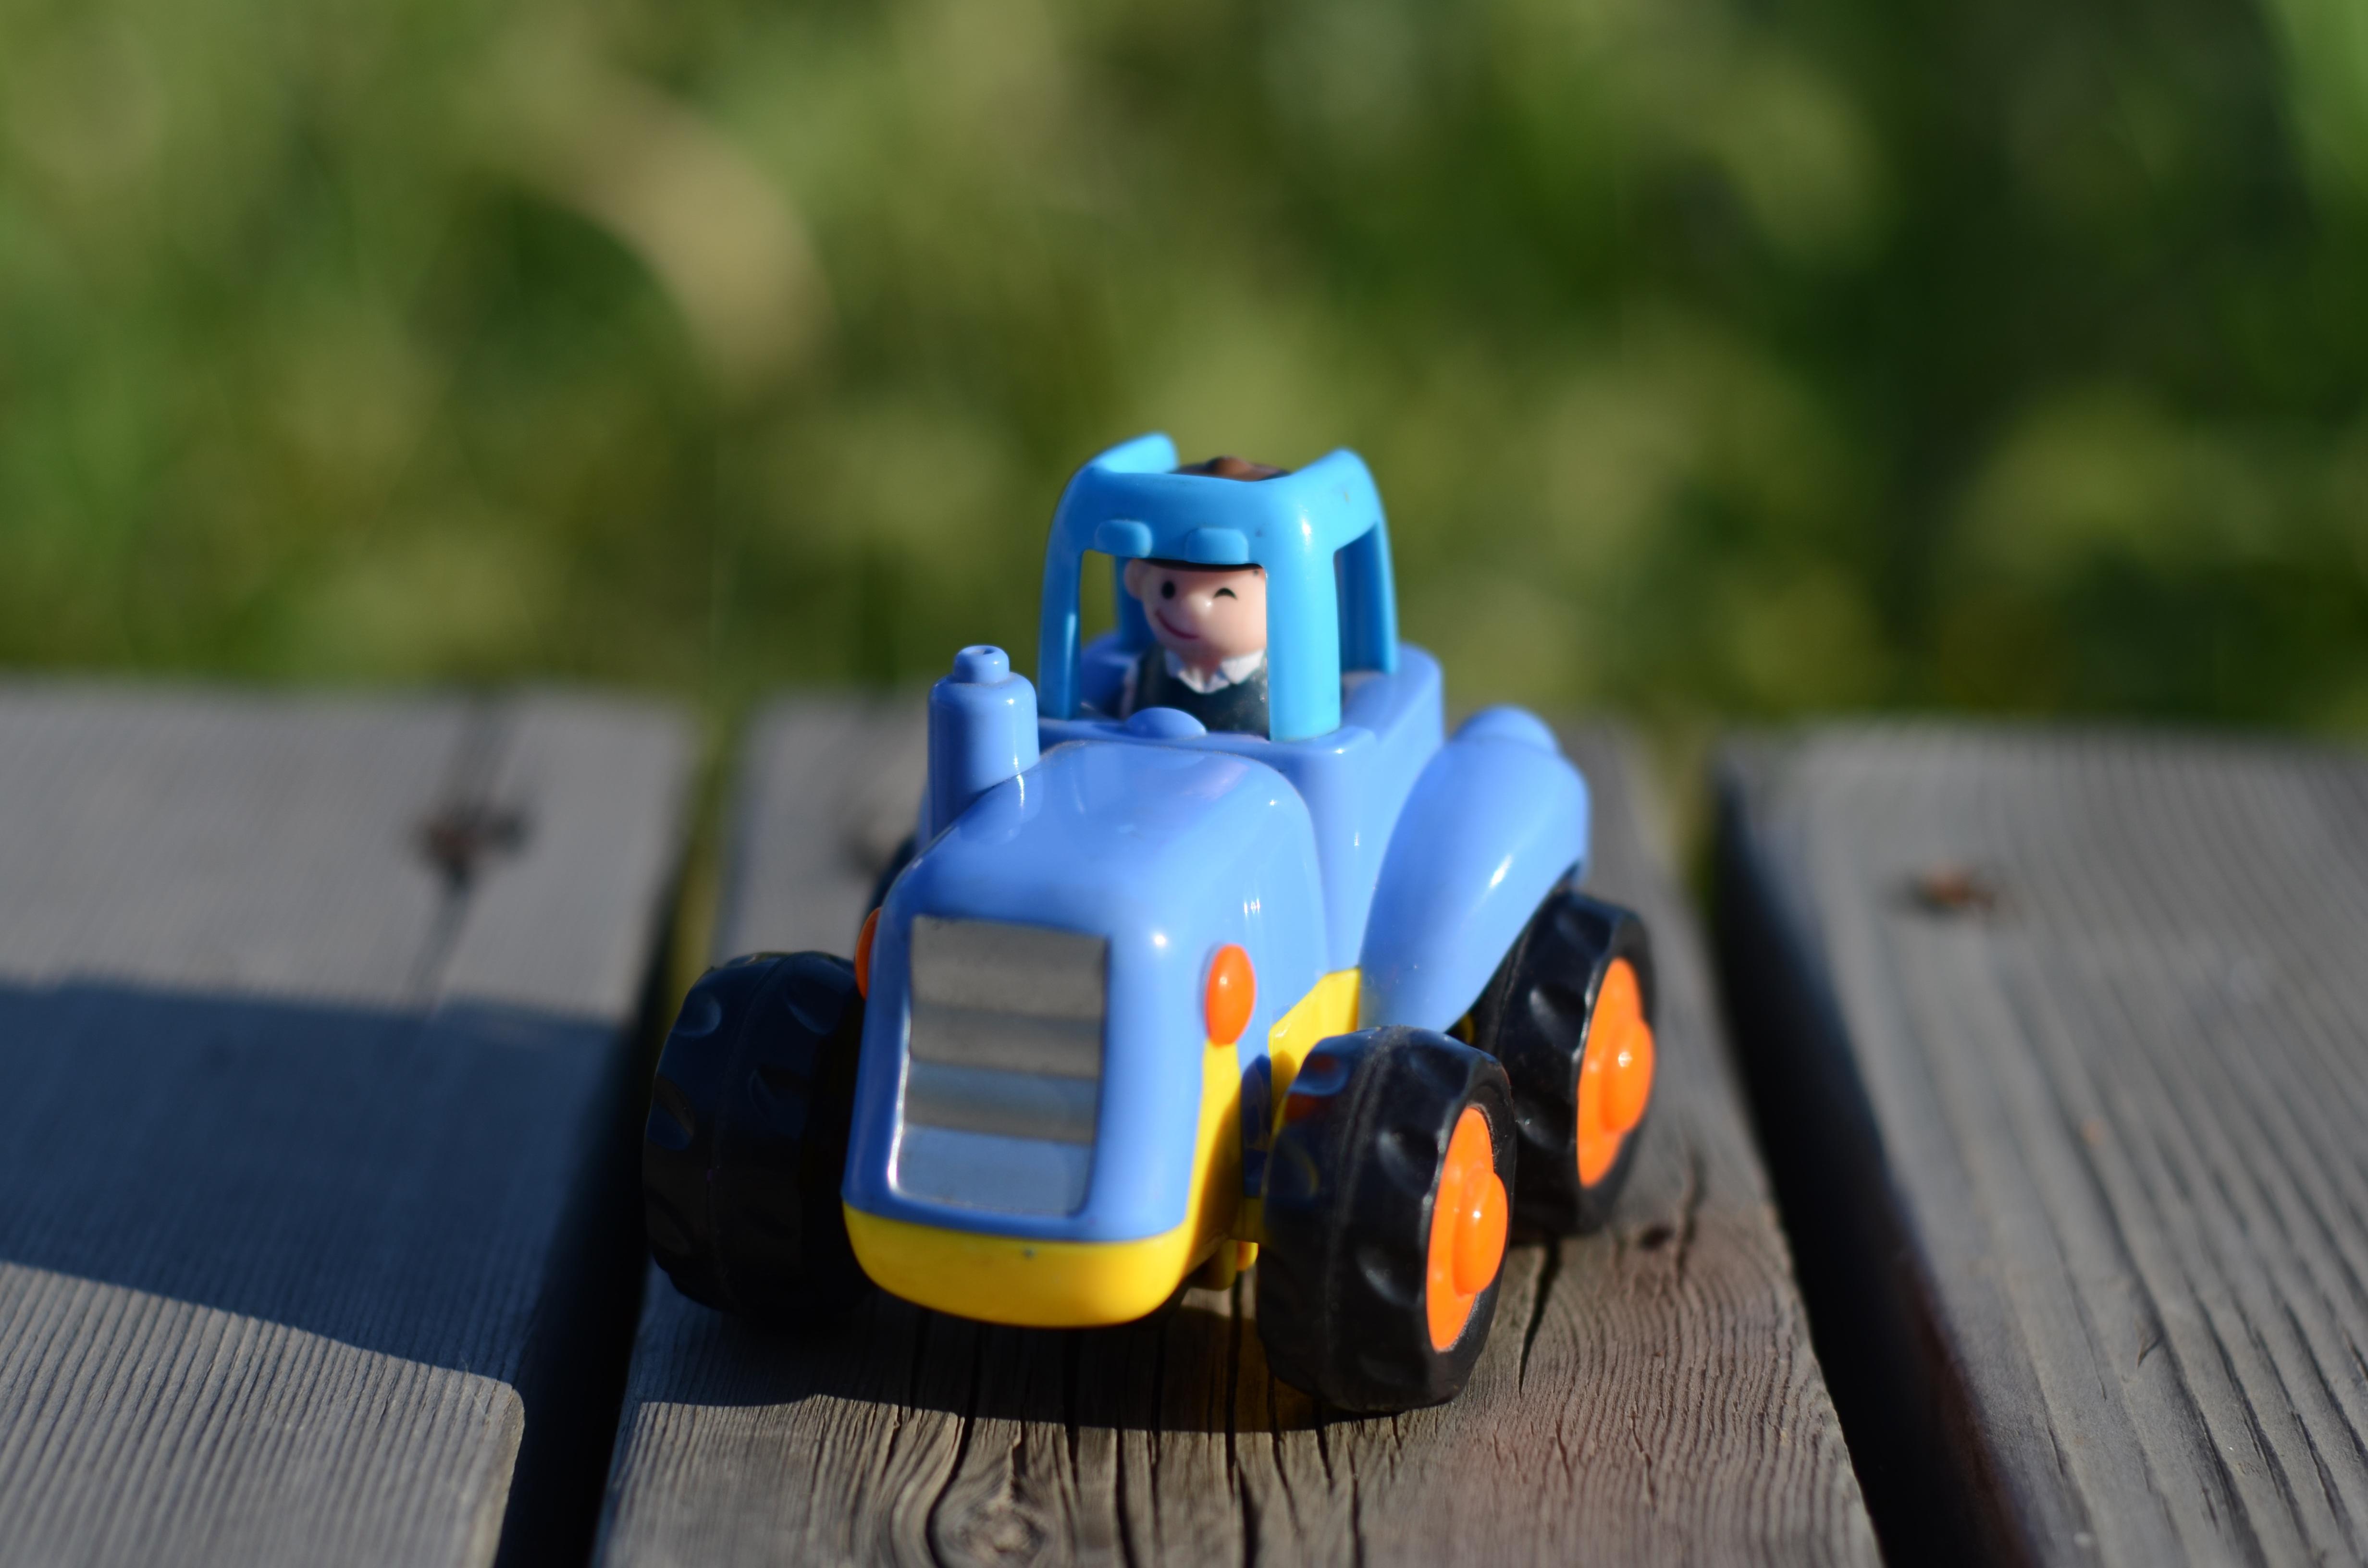 Gambar Traktor Plastik Anak Laki Laki Kendaraan Sepeda Motor